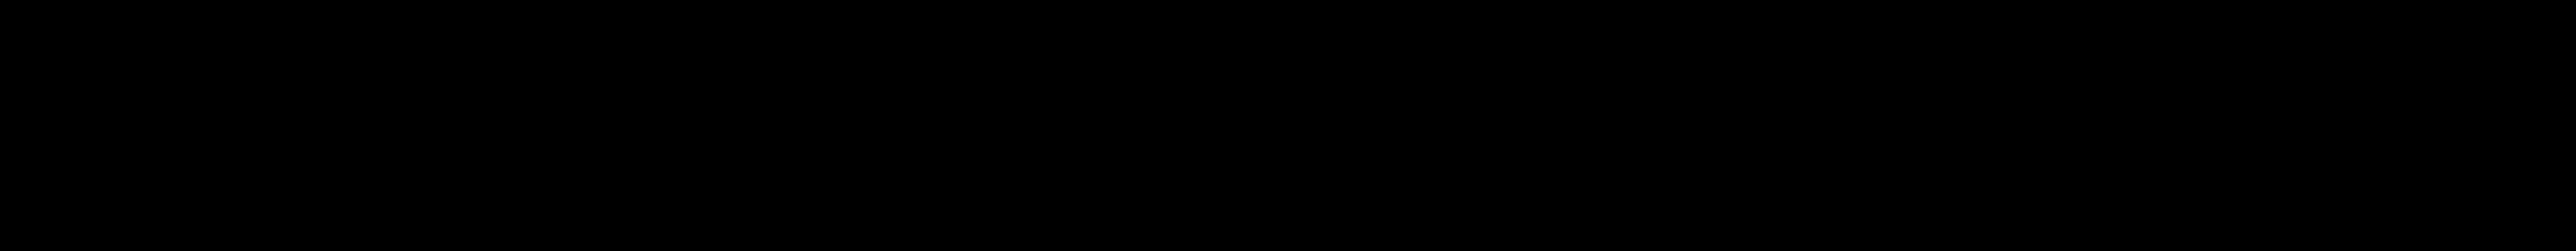 Marque 2-1